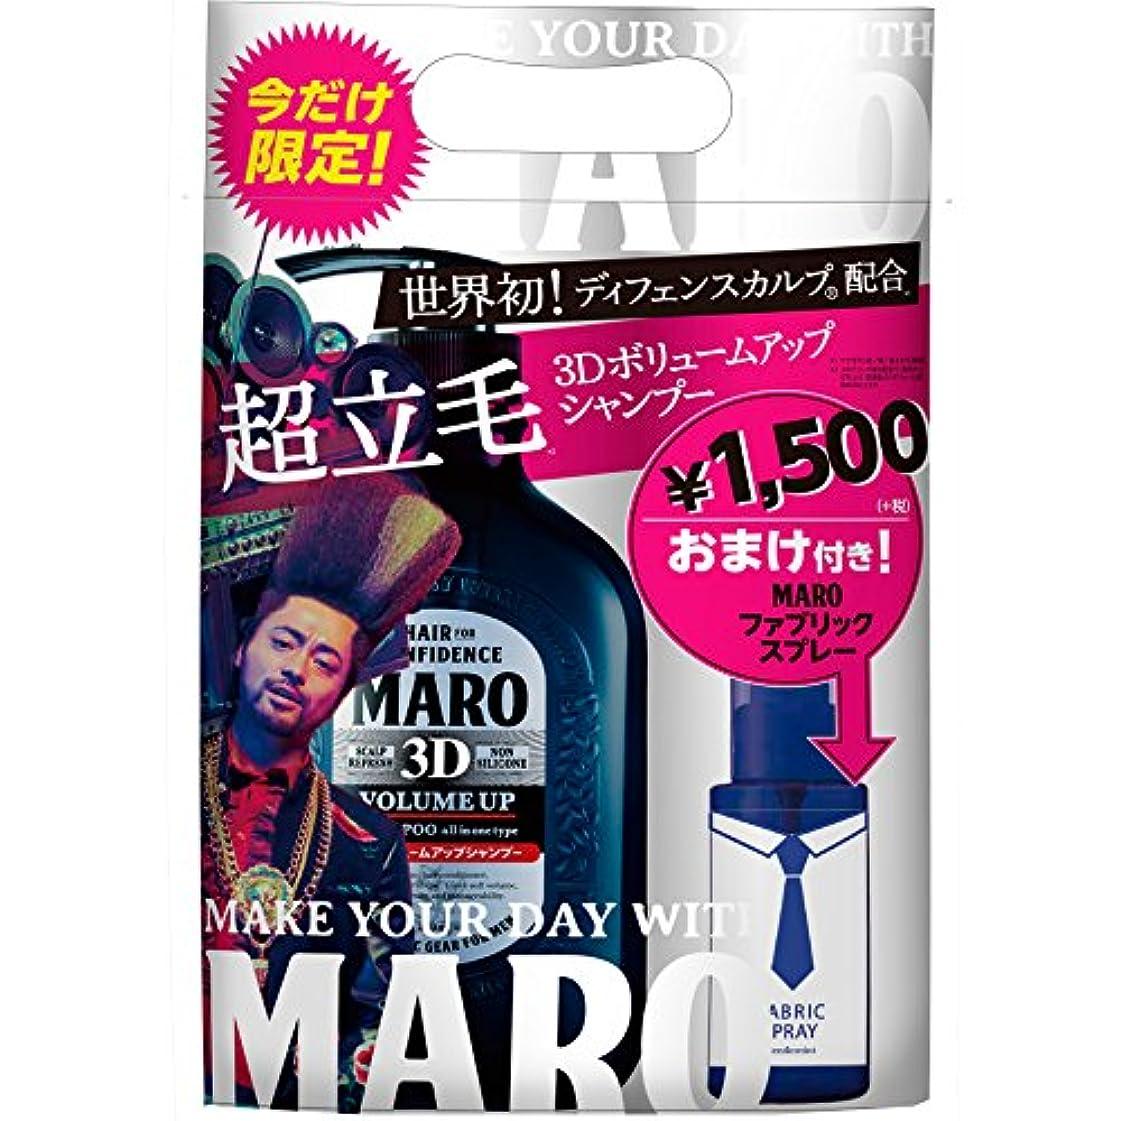 トピックエリート一部MARO 3DボリュームアップシャンプーEX ファブリックスプレー付 460ml